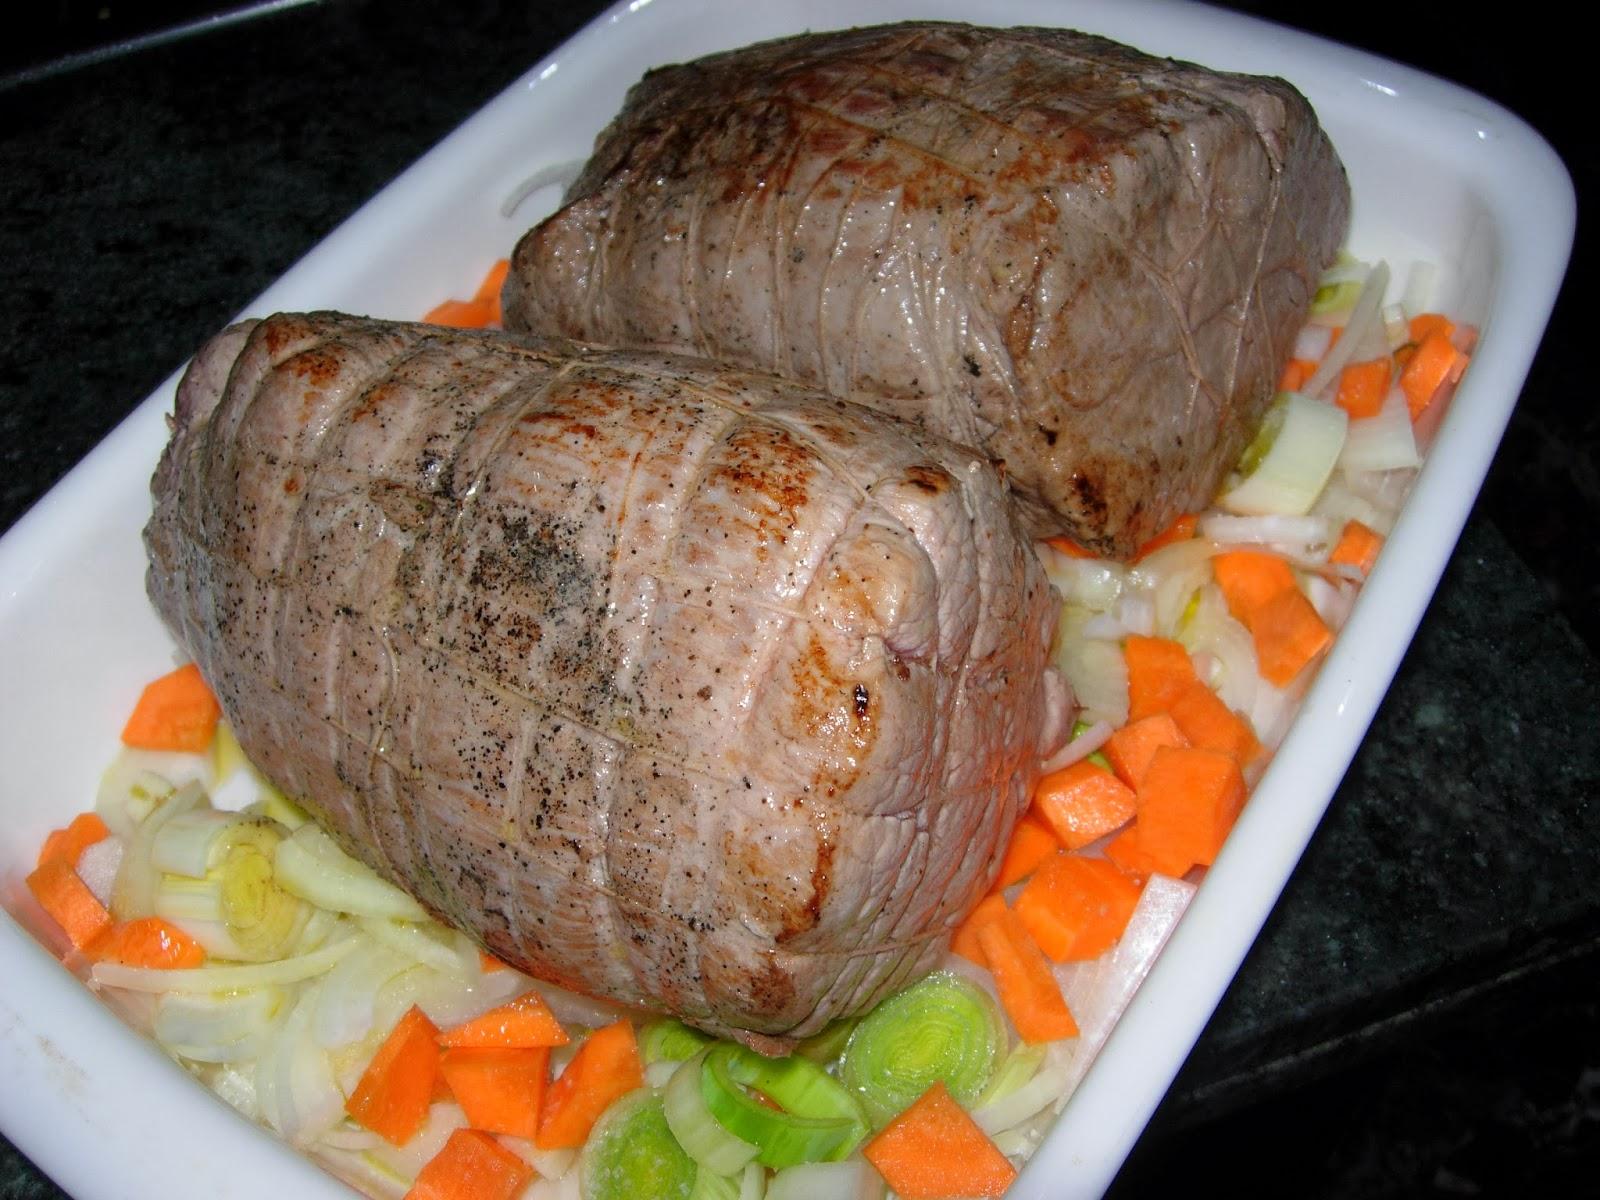 Trucos y recetas de landa redondo de ternera al horno o asado - Redondo relleno de ternera al horno ...